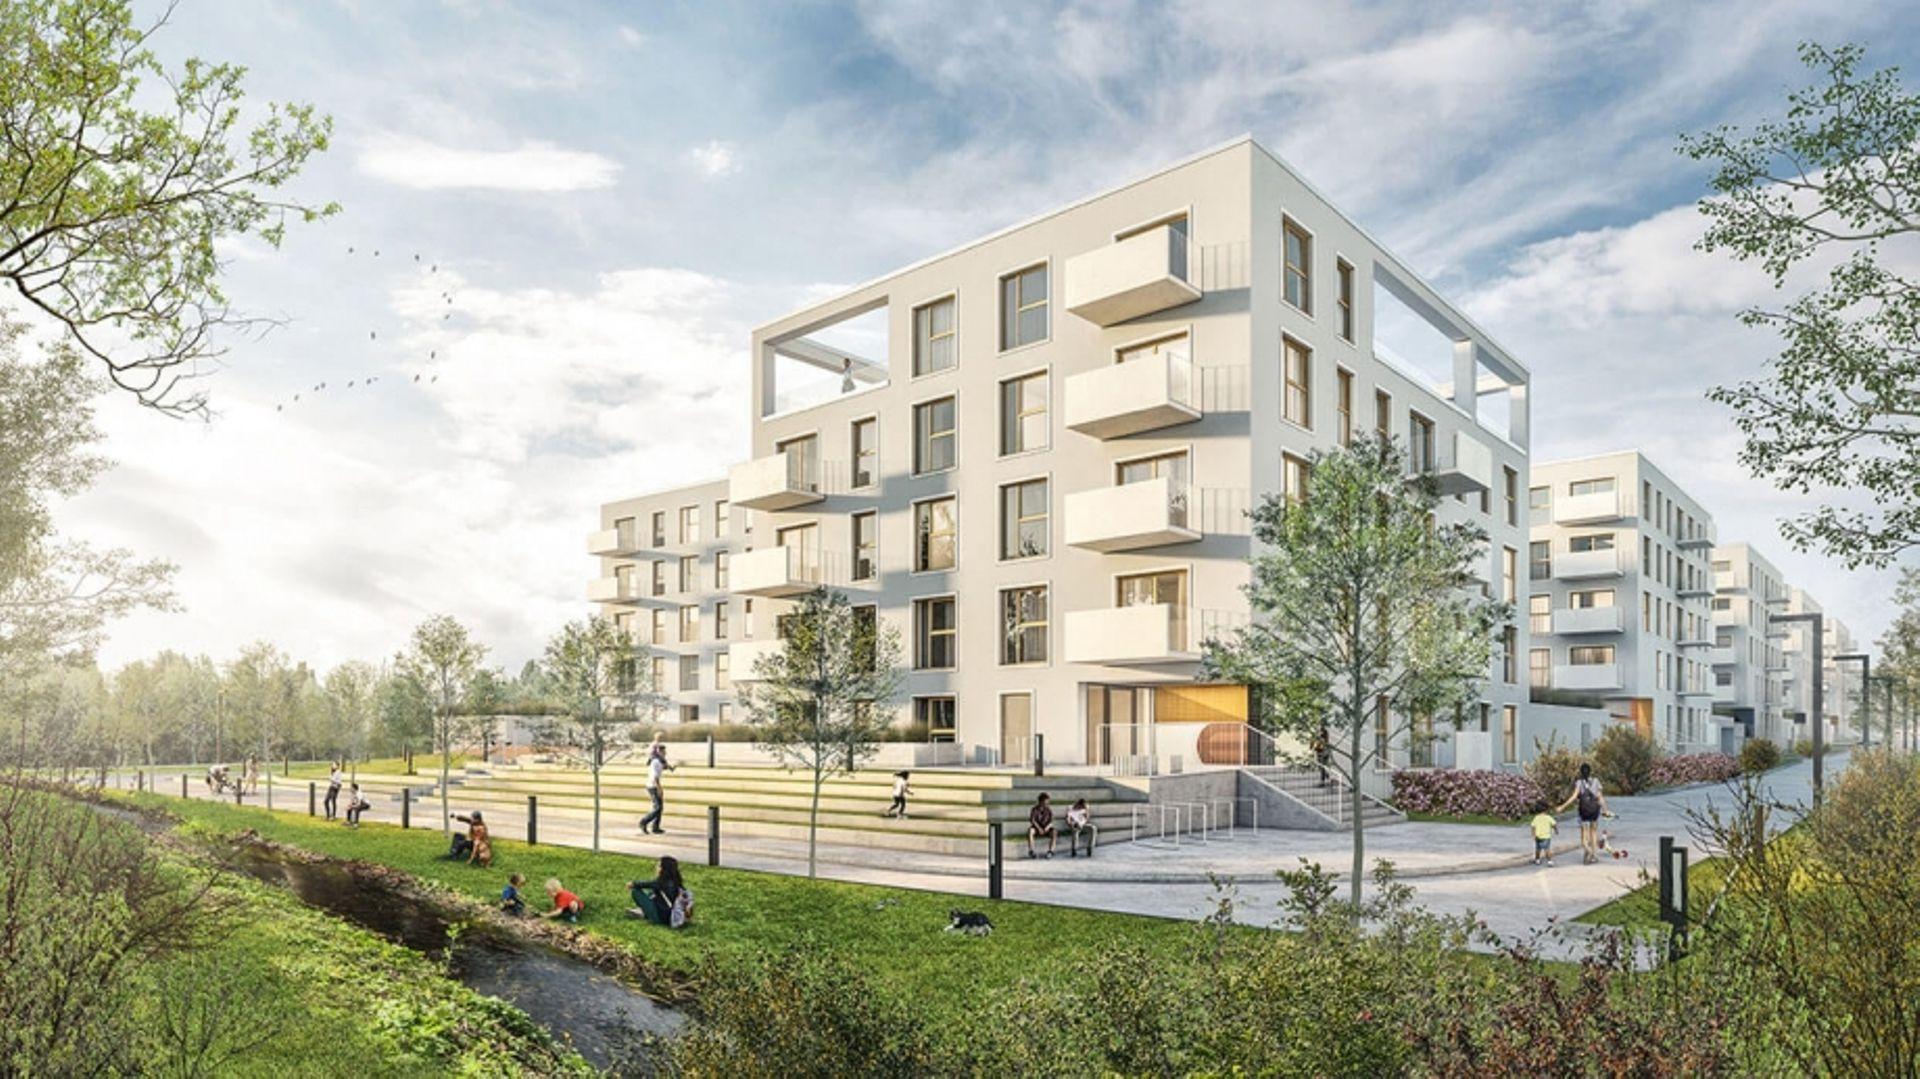 Wrocław: Nowa Zatorska – Triada Dom buduje dziewięć bloków na Zakrzowie